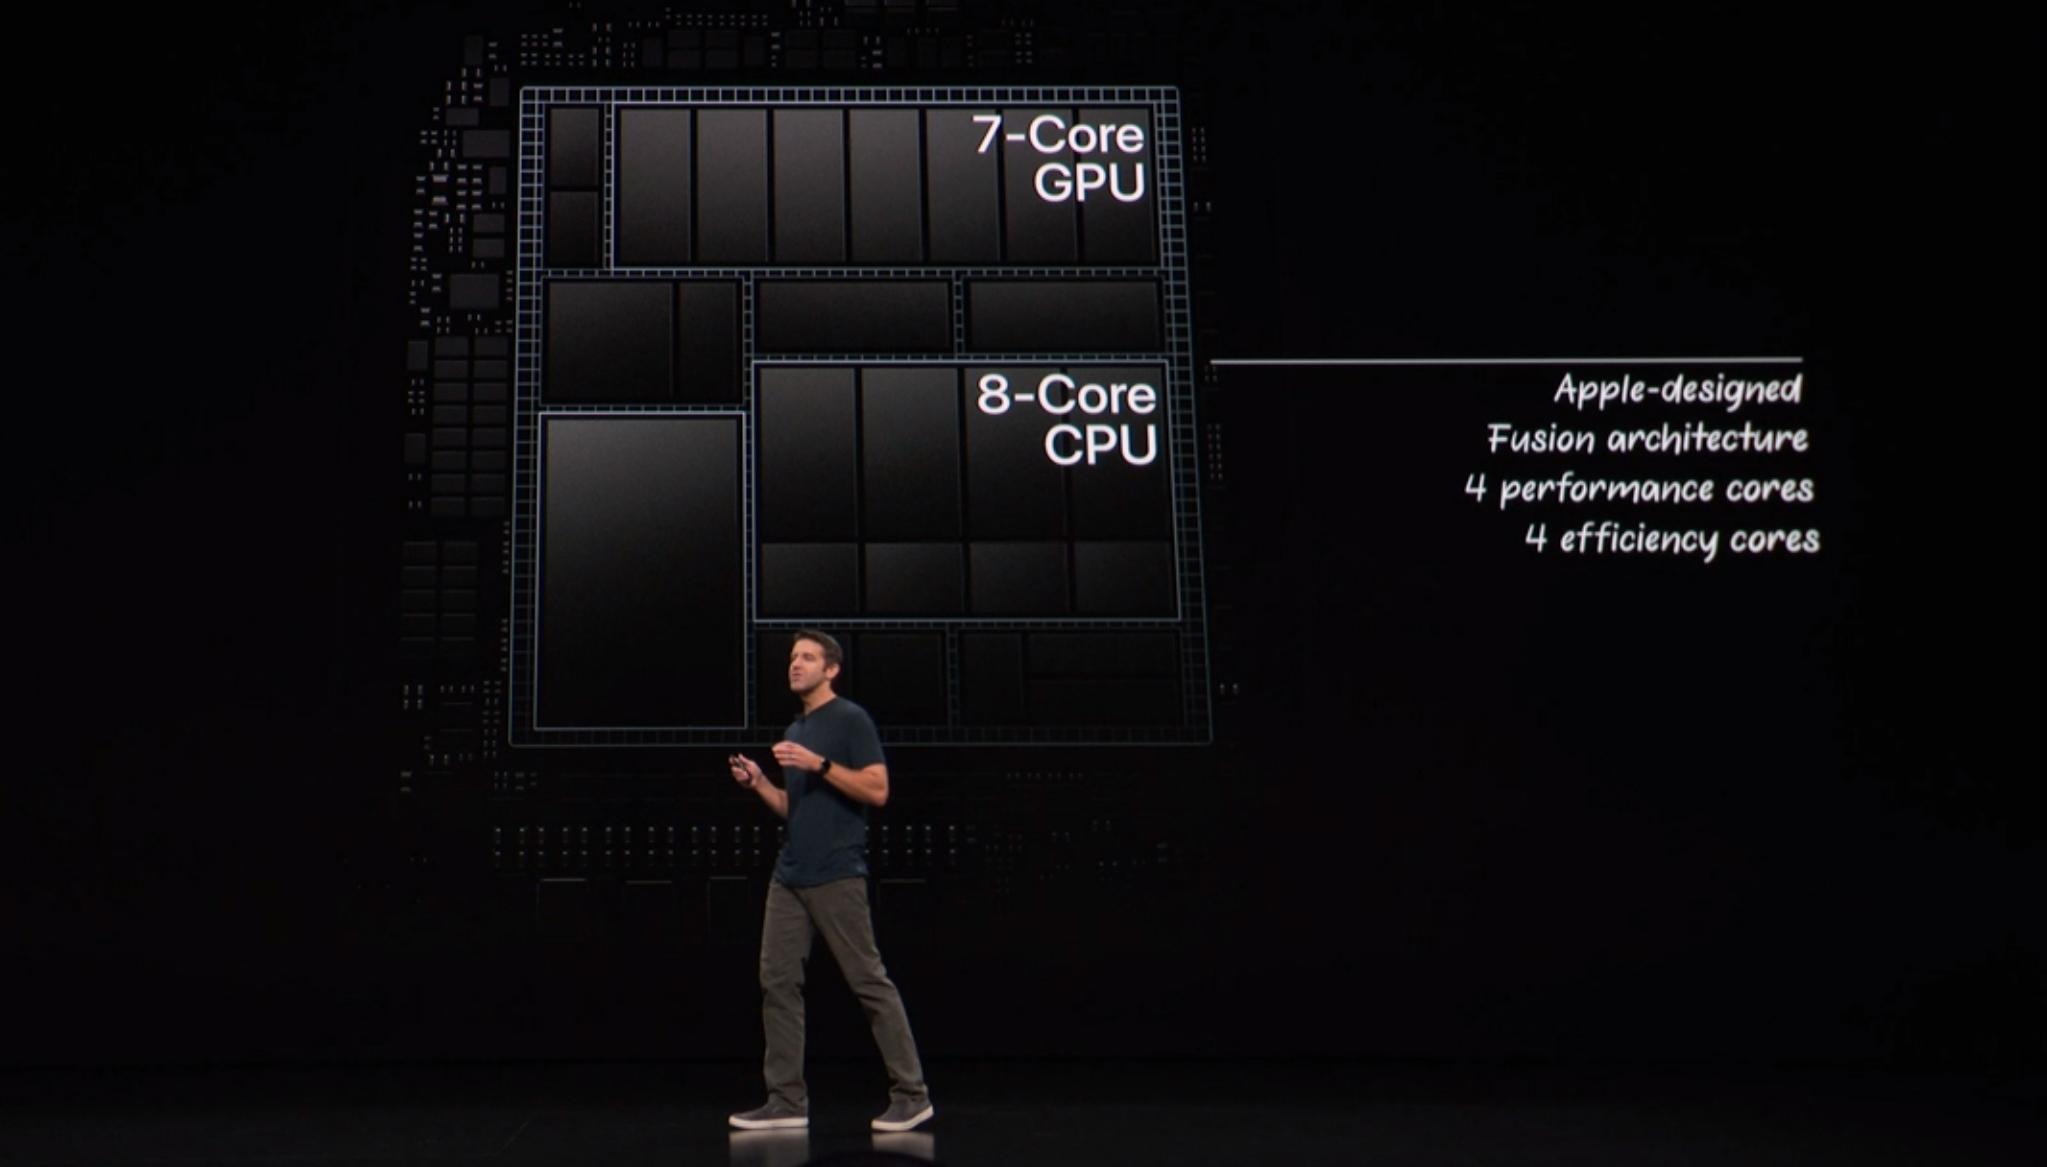 Den nye A12X-brikken med helt ny 7-kjerne GPU.